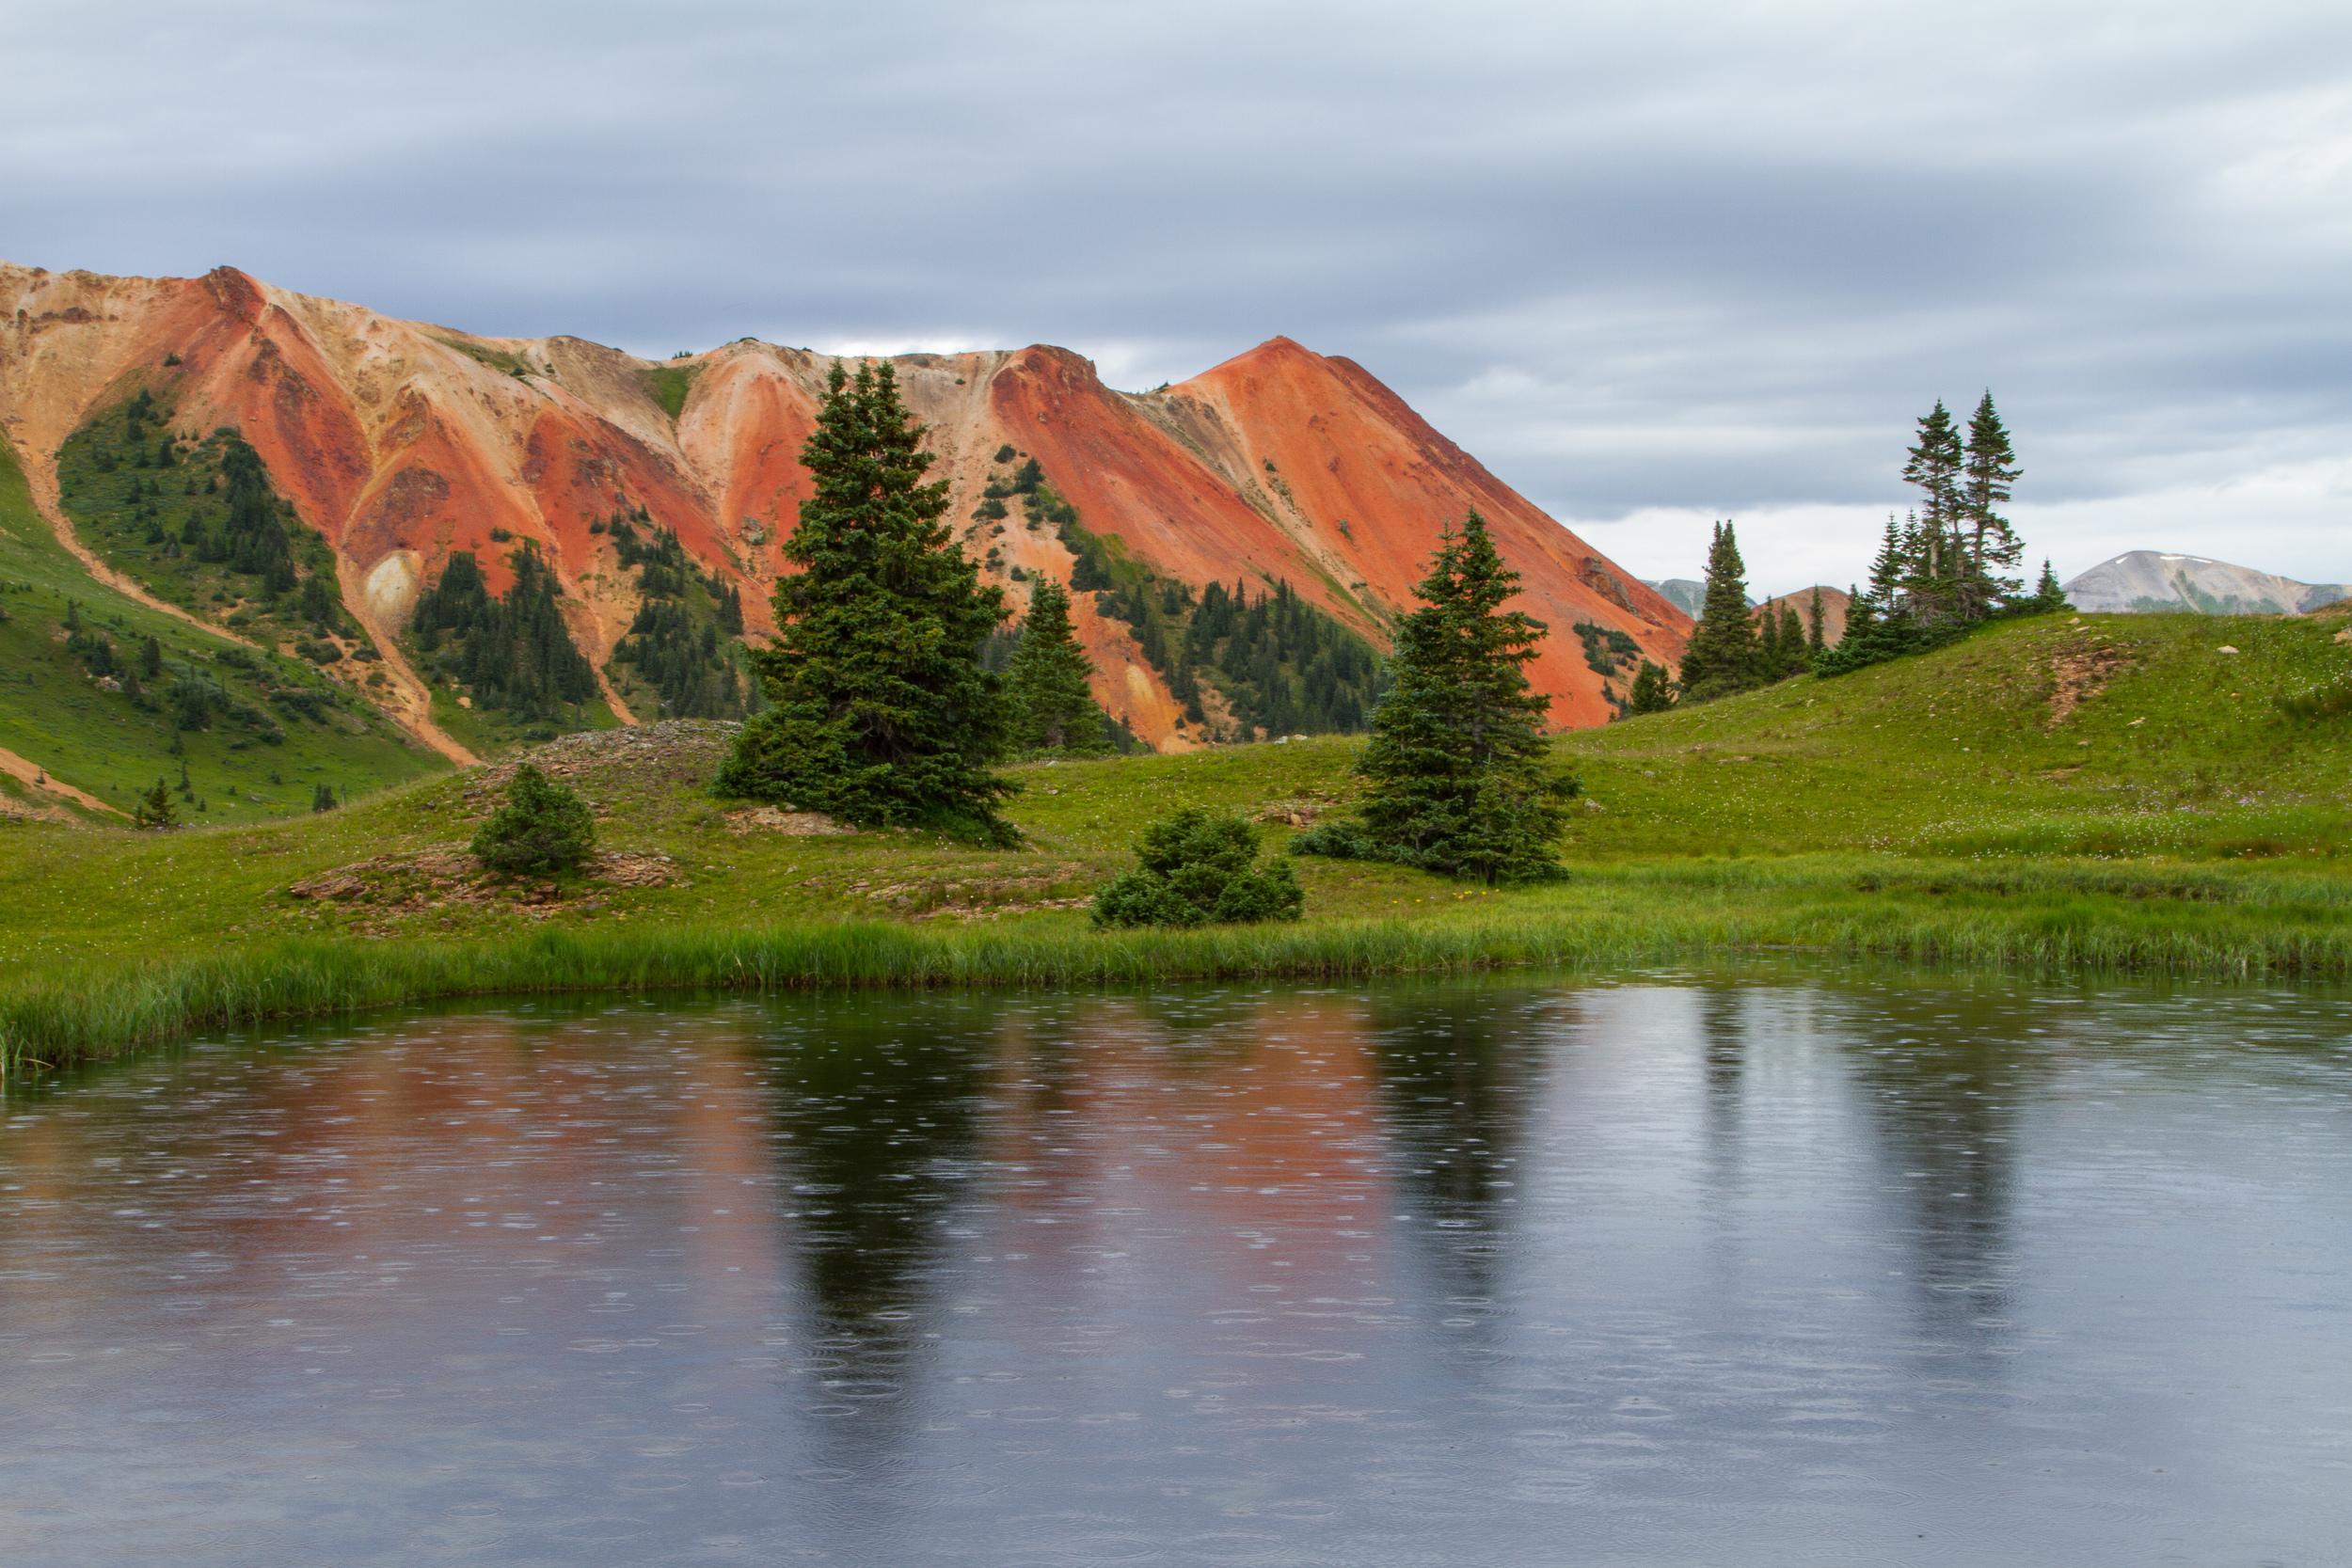 Gray Copper Gulch Raindrops, Image # 7822